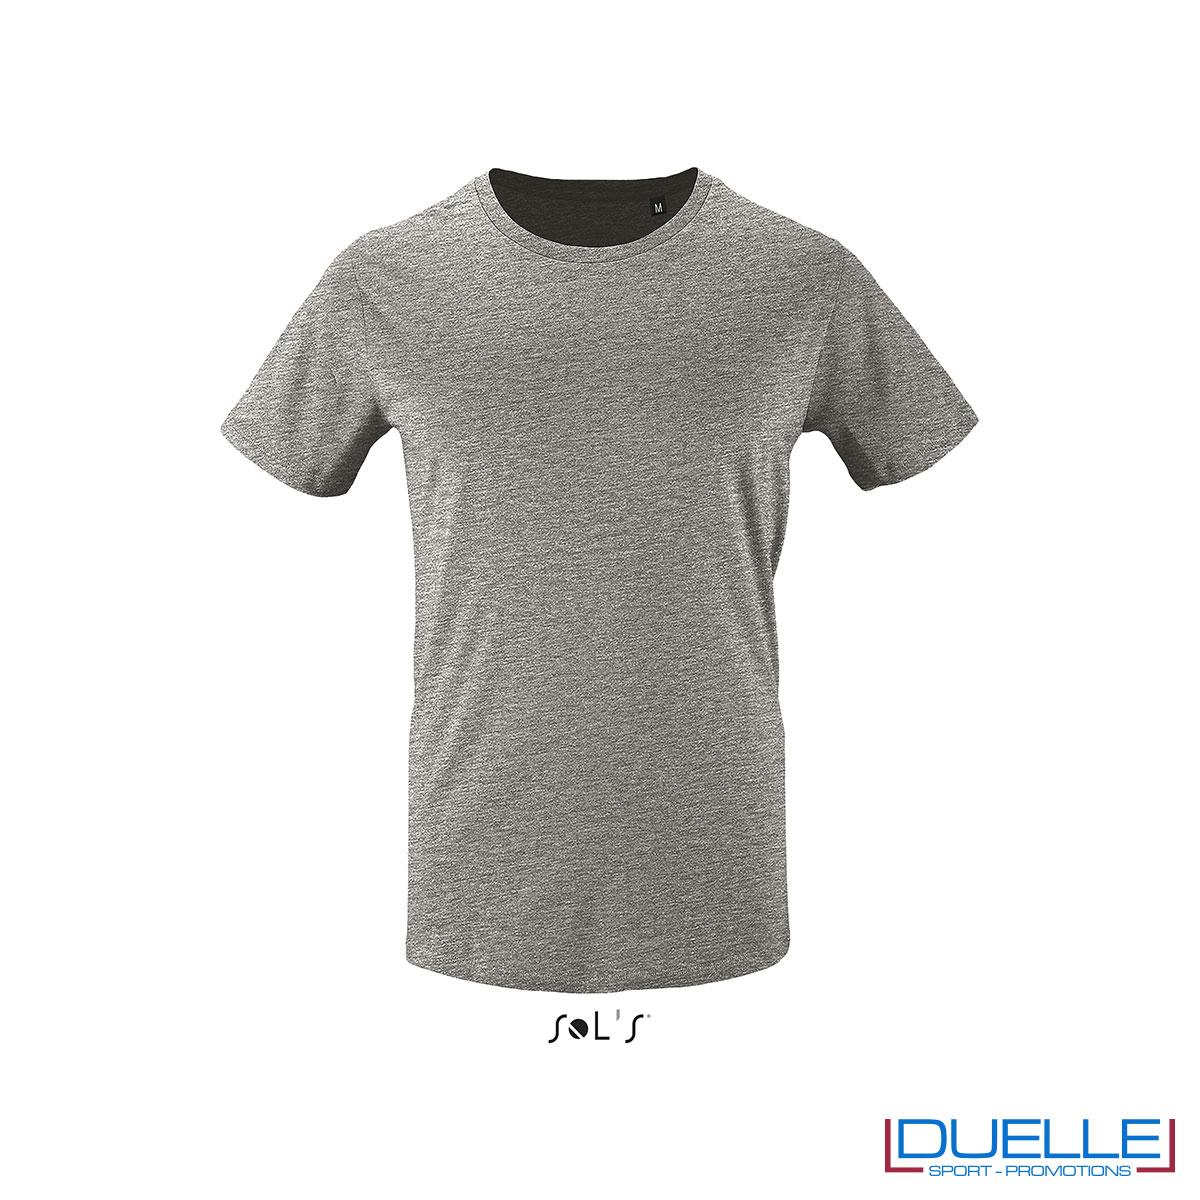 T-shirt 100% cotone biologico colore grigio melange personalizzata con il tuo logo